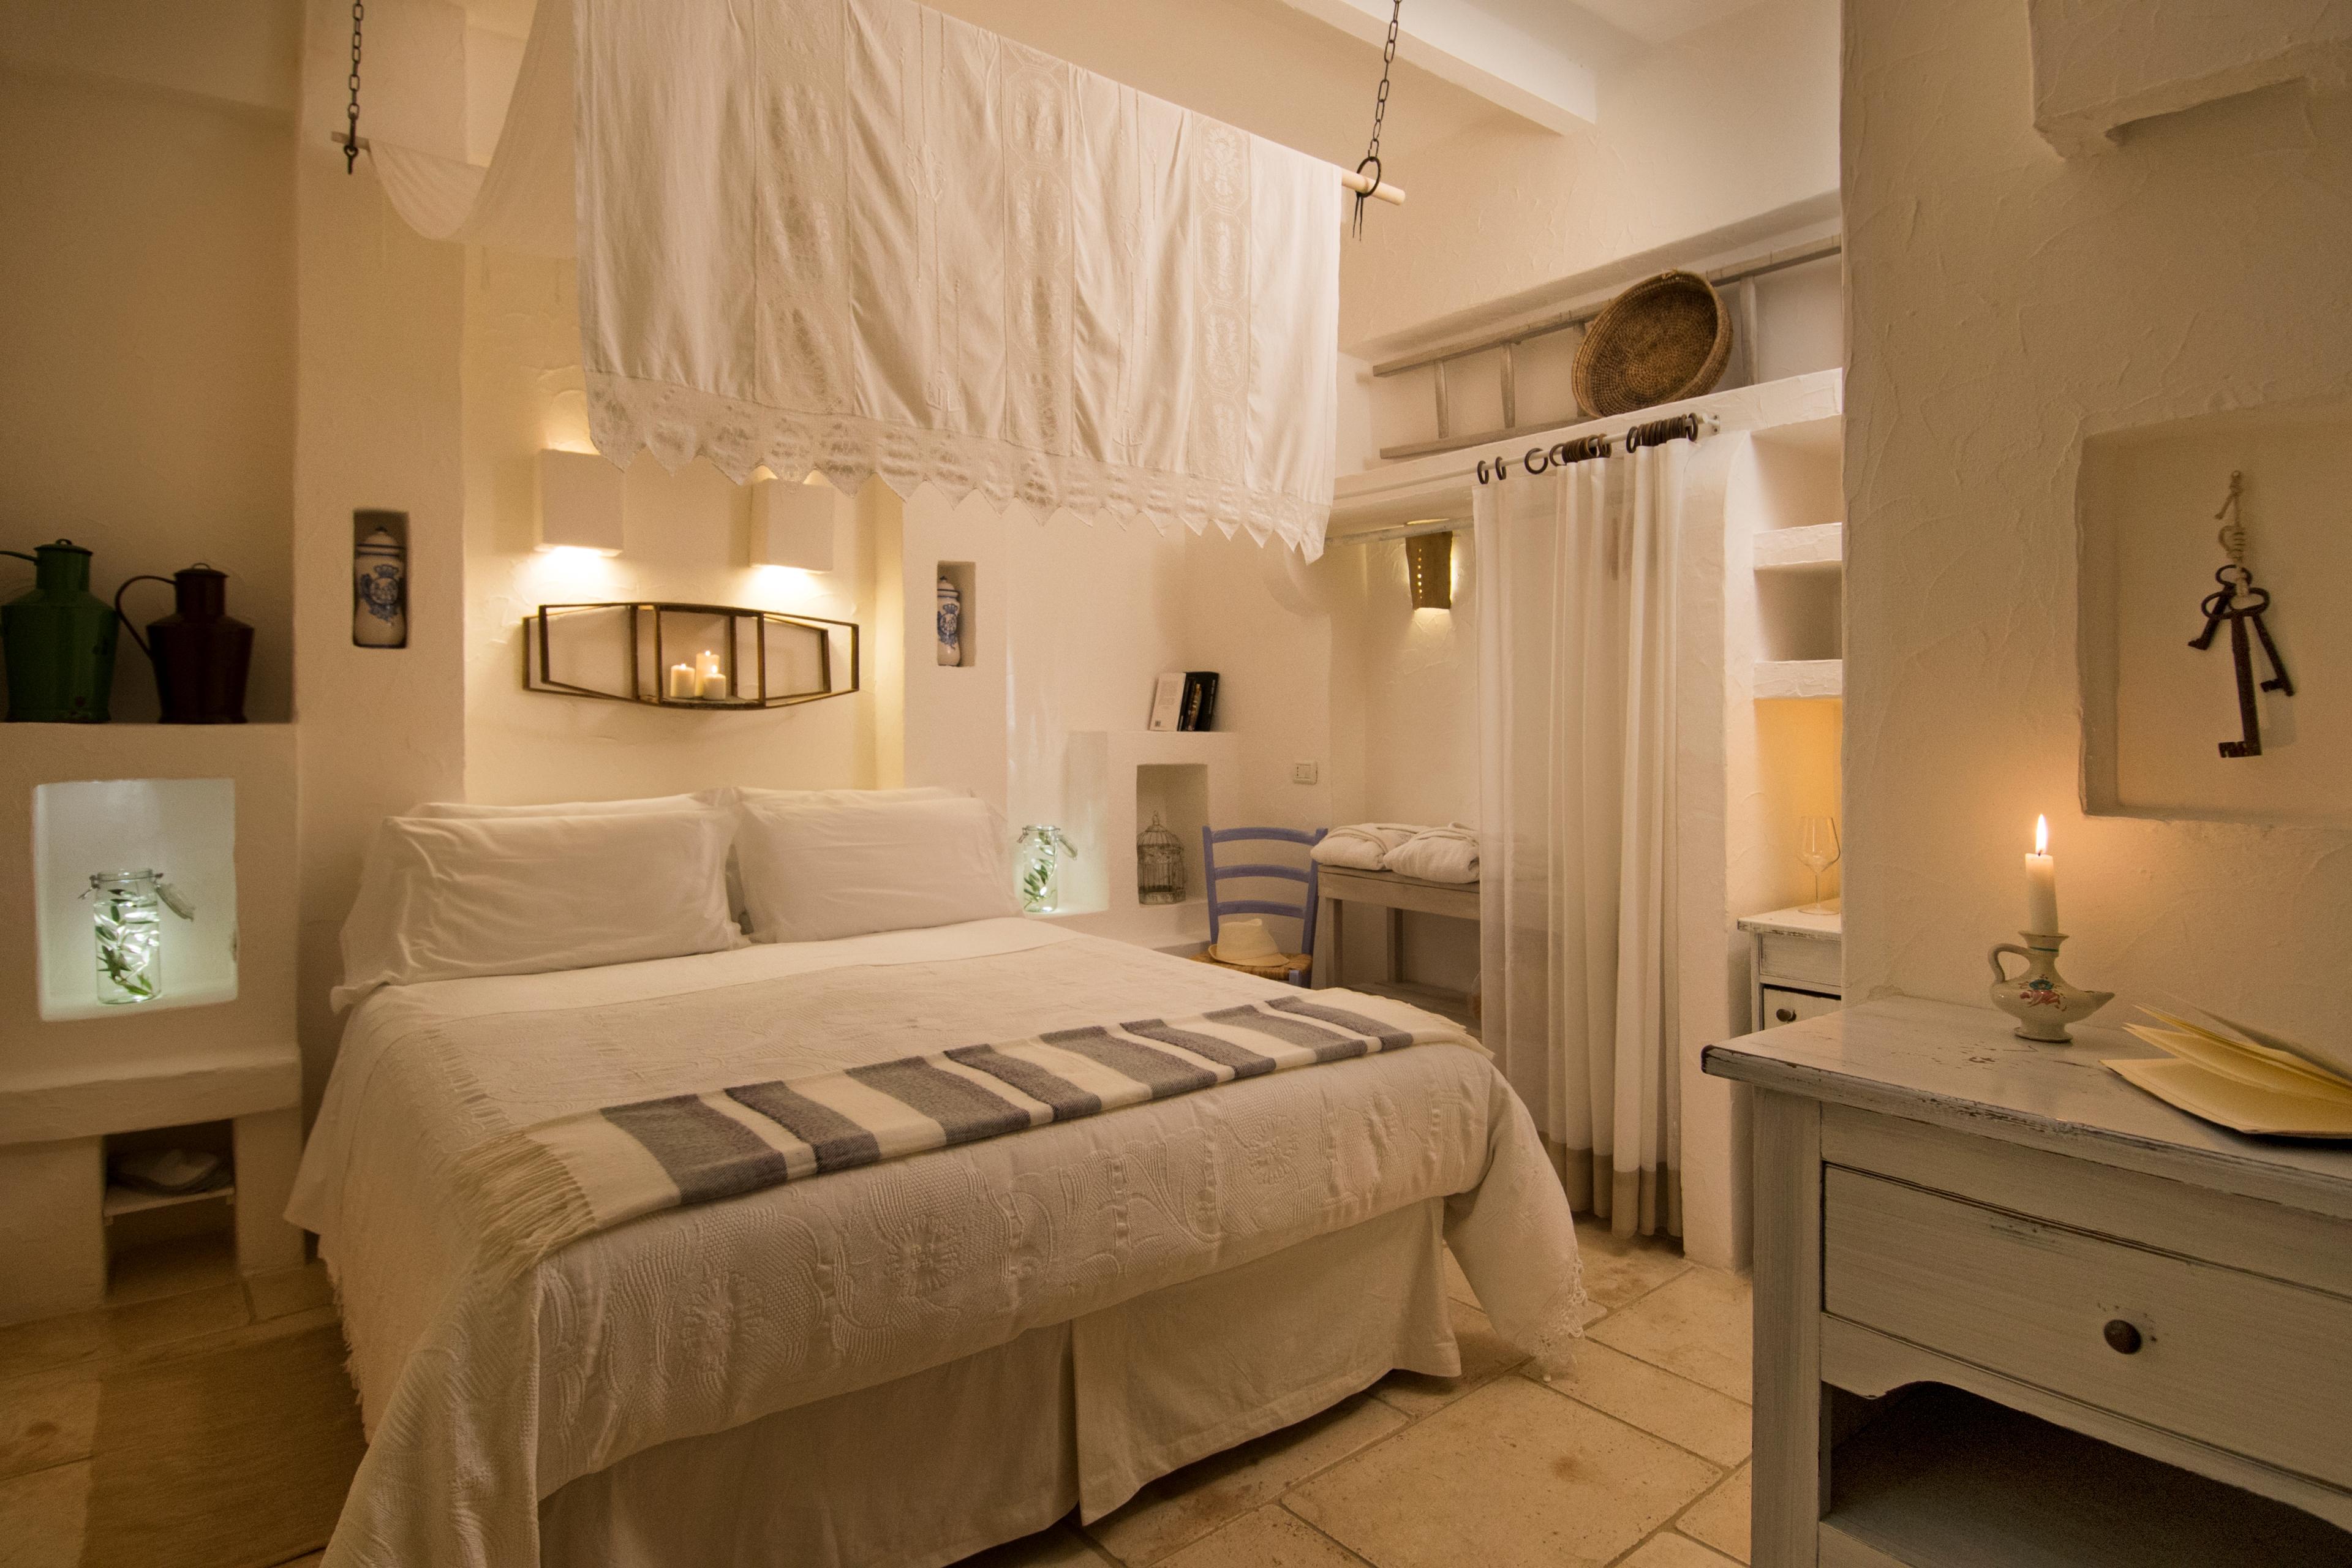 L acquaro camera romantica con bagno turco masseria - Camera da letto romantica ...